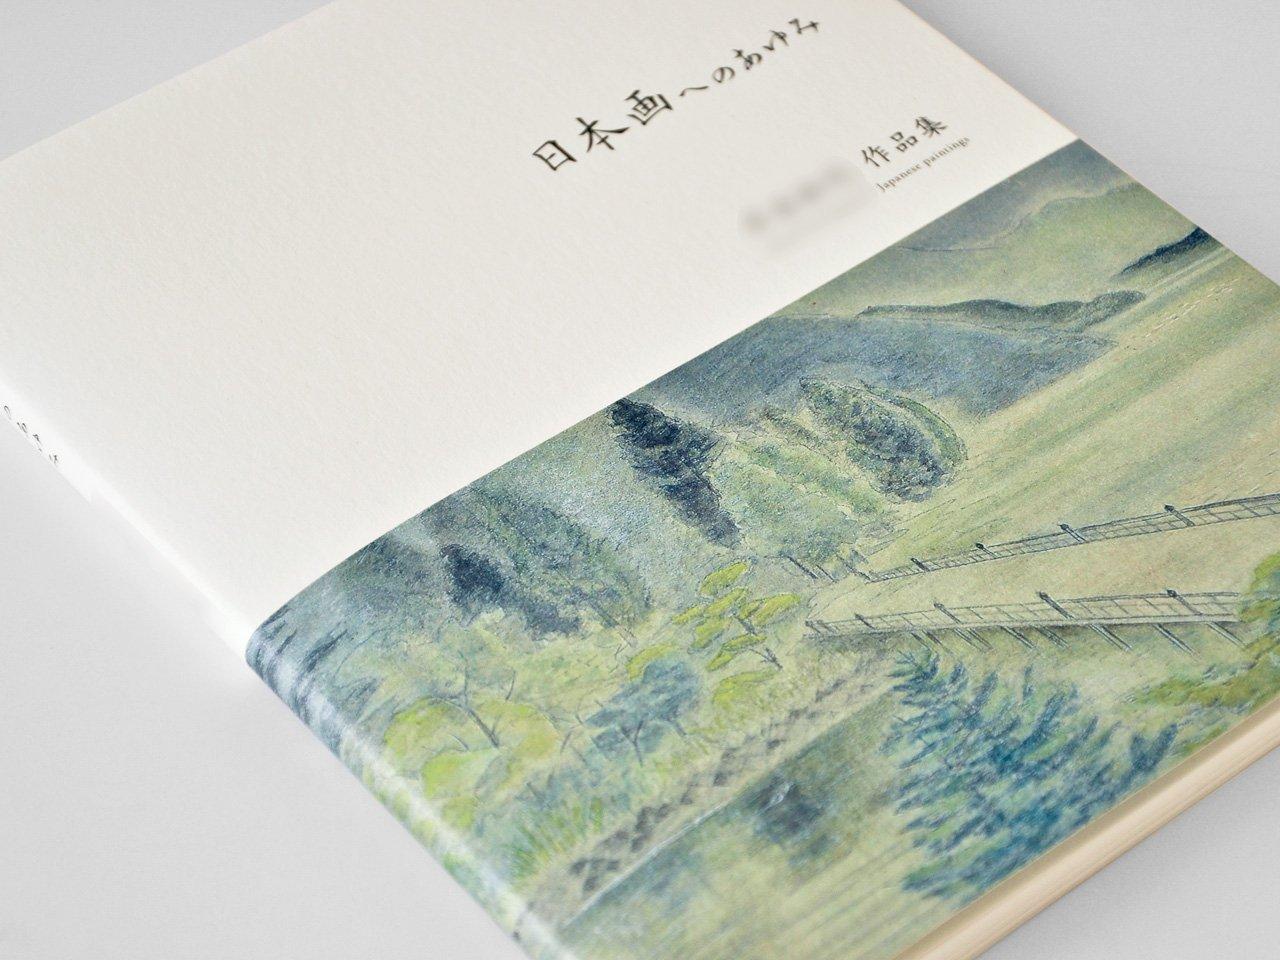 日本画作品集「日本画へのあゆみ」